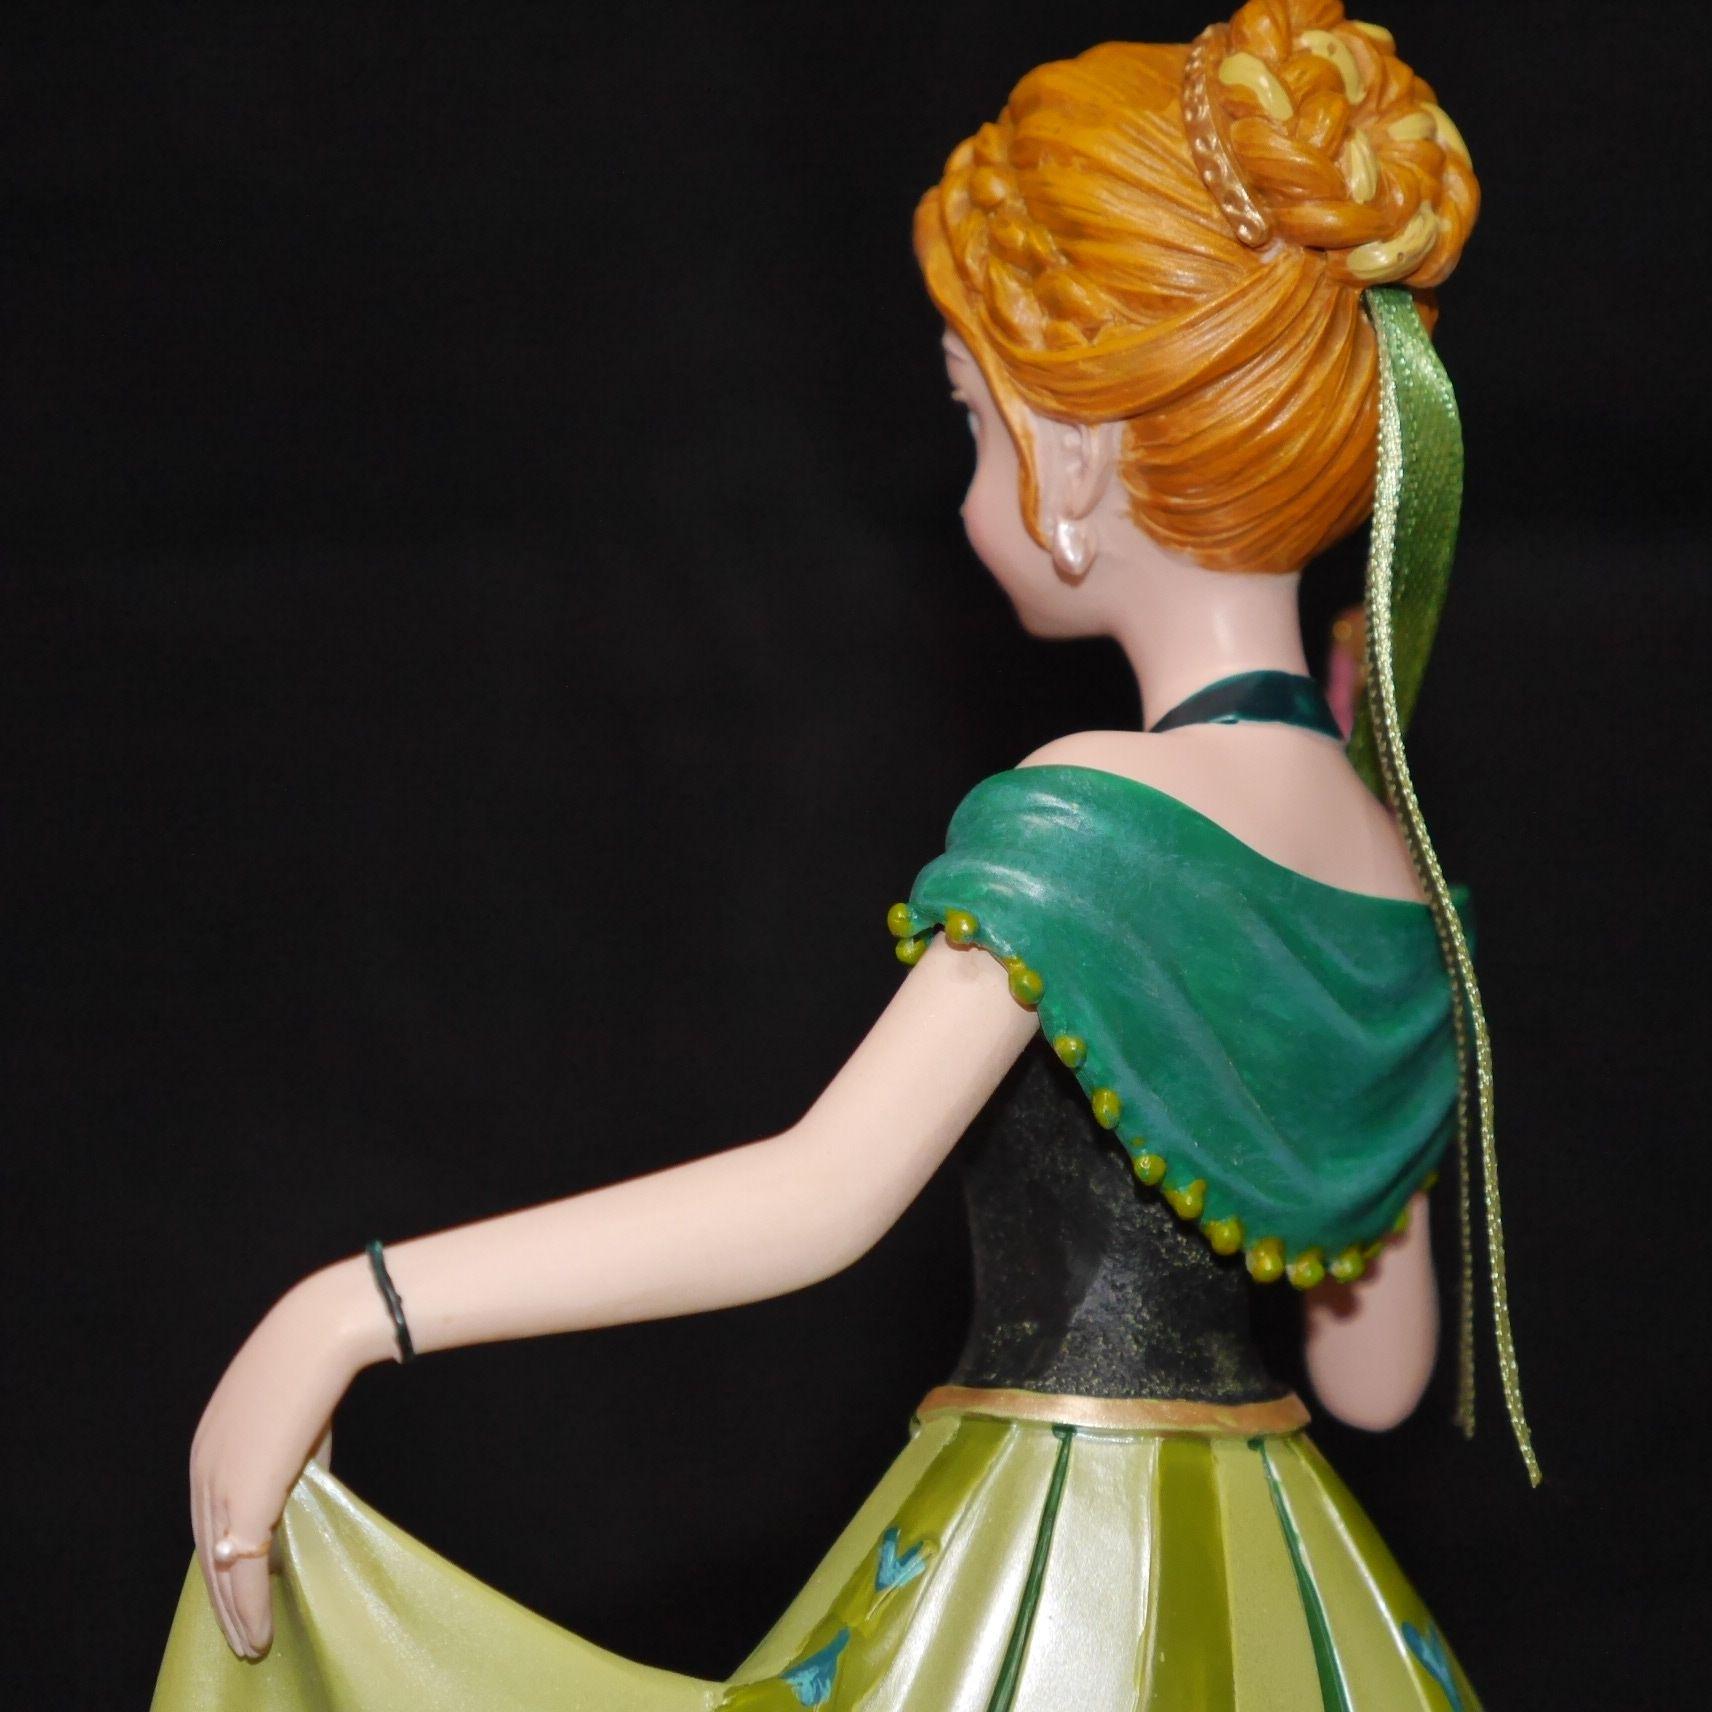 冰雪奇緣安娜Anna公主*精品/裝飾/擺飾/玩具《美國Enesco精品,迪士尼典藏超精美人偶》【曉風】 5